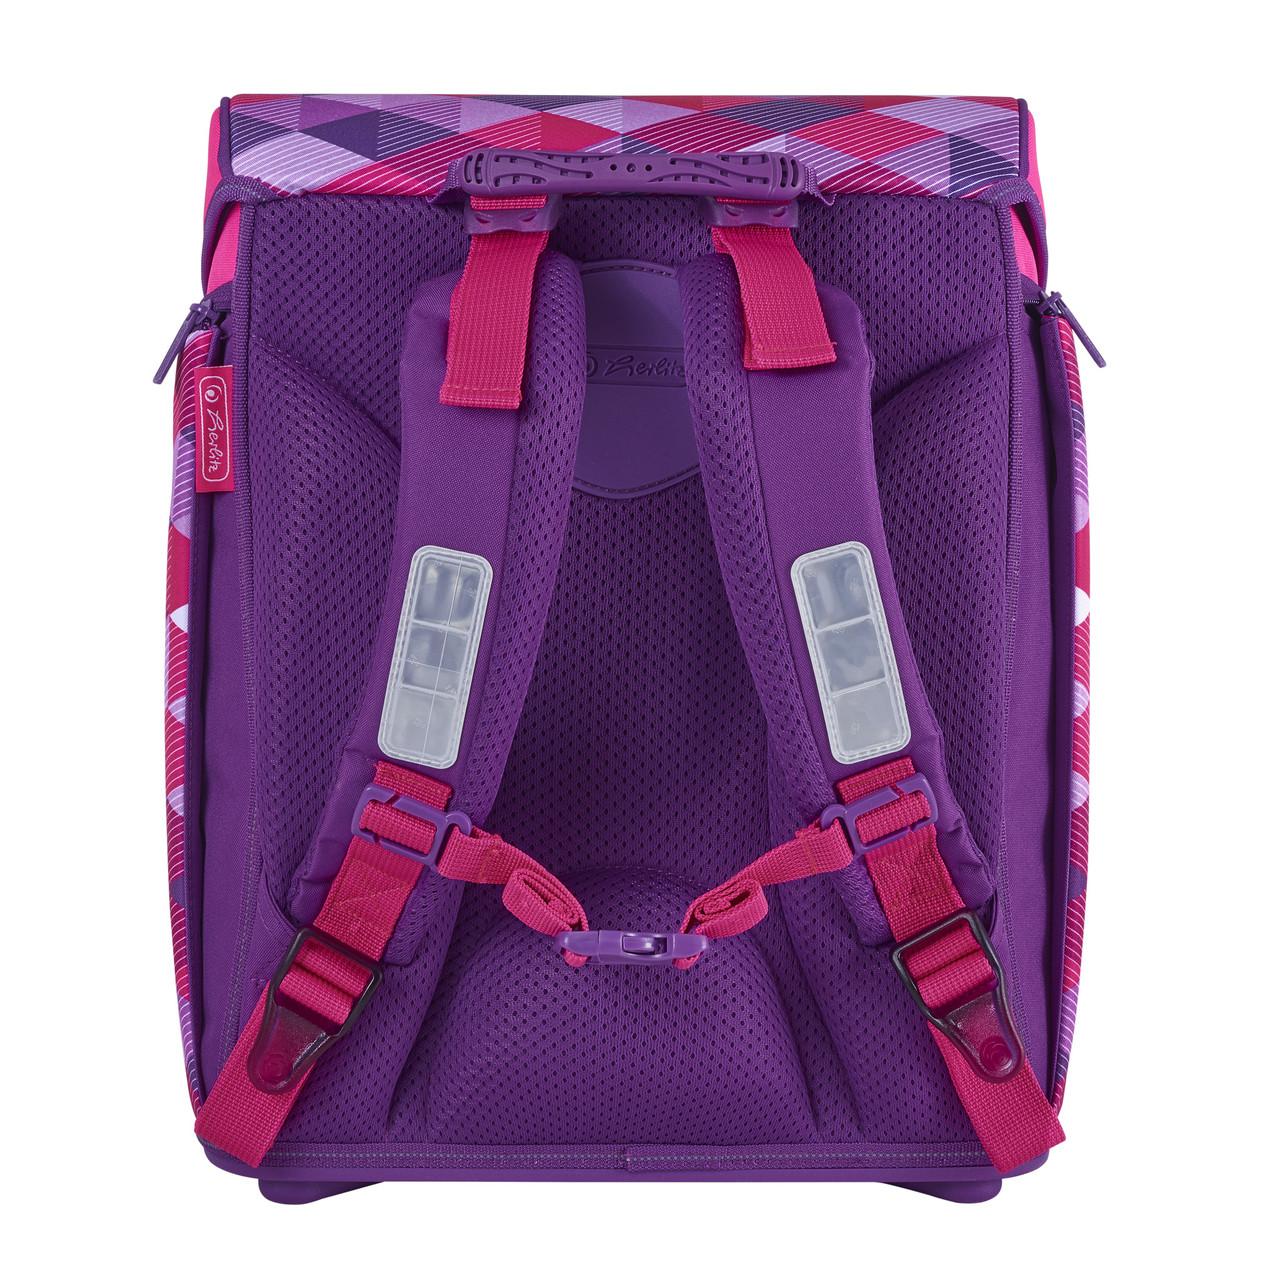 6fa881800fcd ... Ранец школьный укомплектованный Herlitz MIDI PLUS Cubes Pink Кубики  розовые (50022083), ...